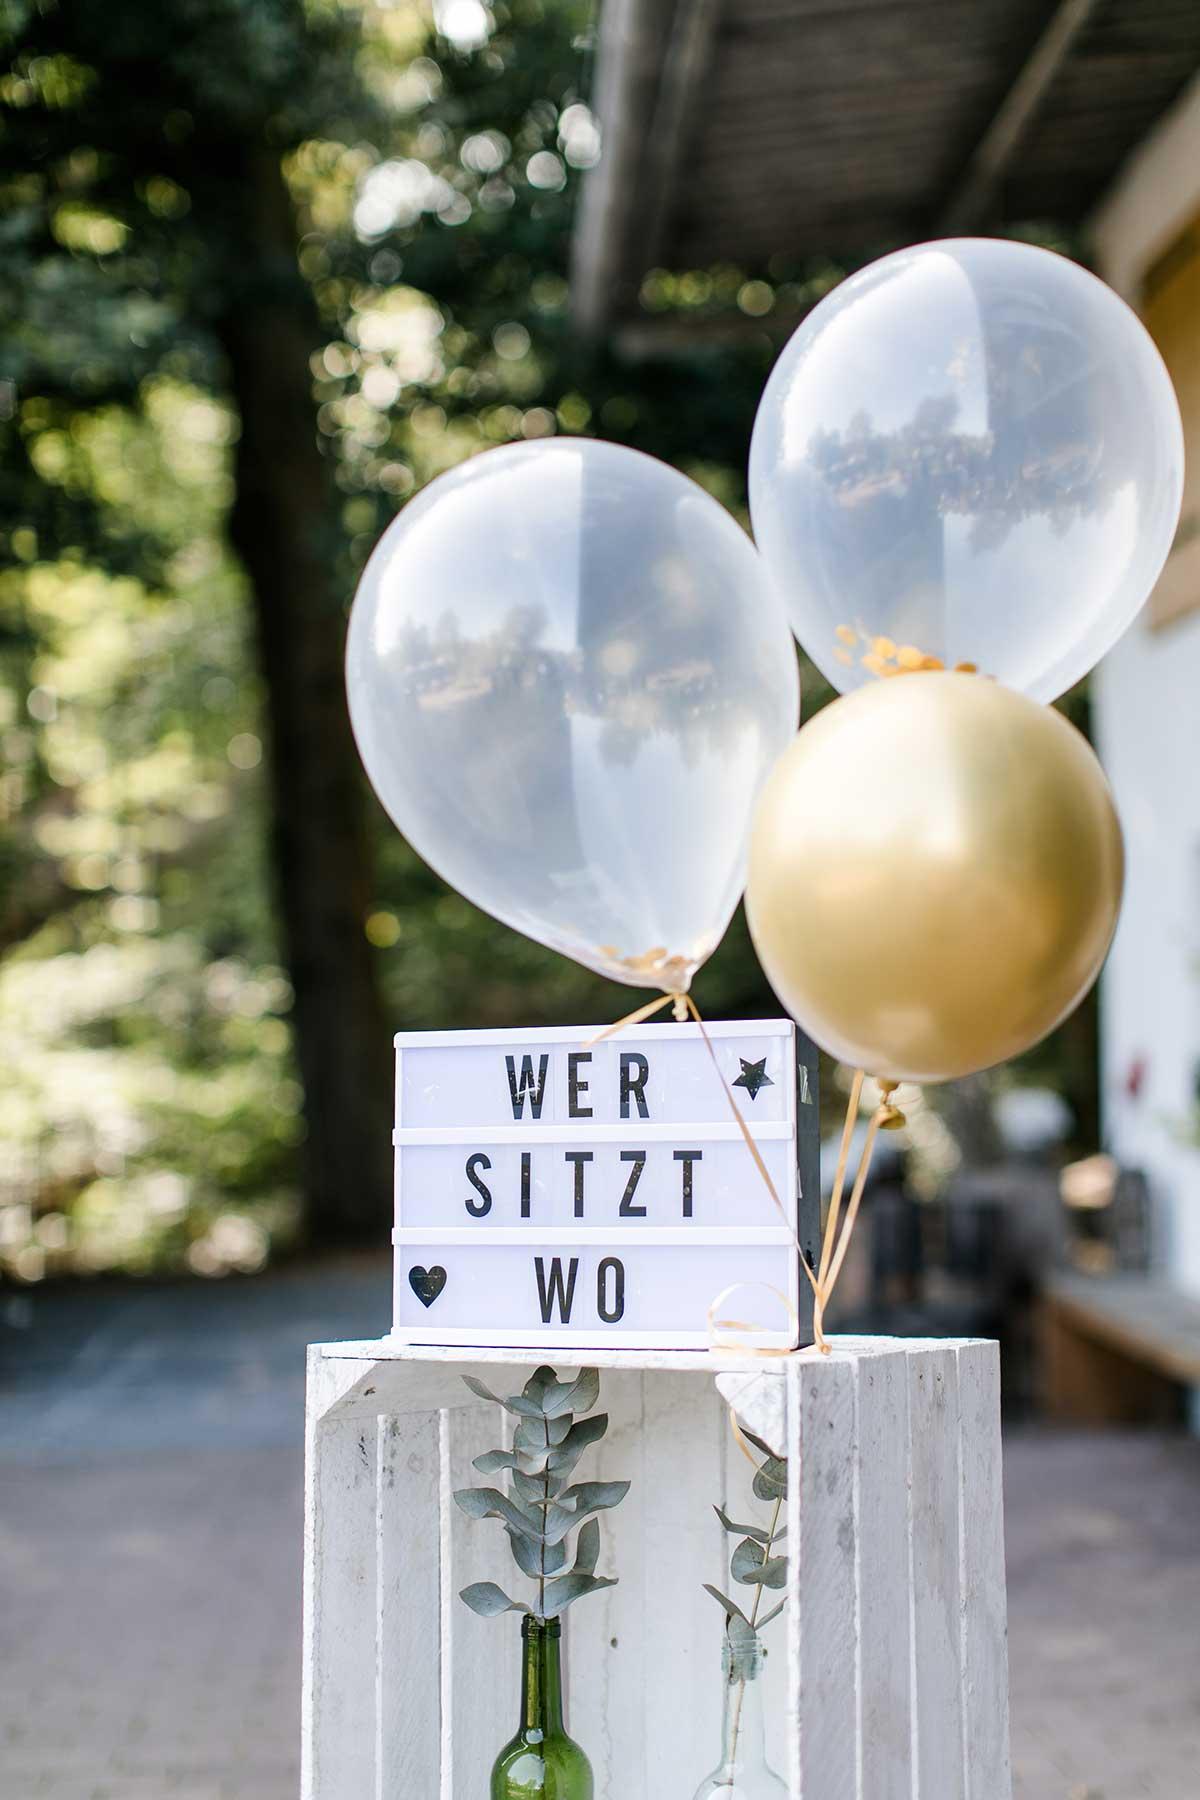 Wer sitz wo Schild bei der Hochzeit